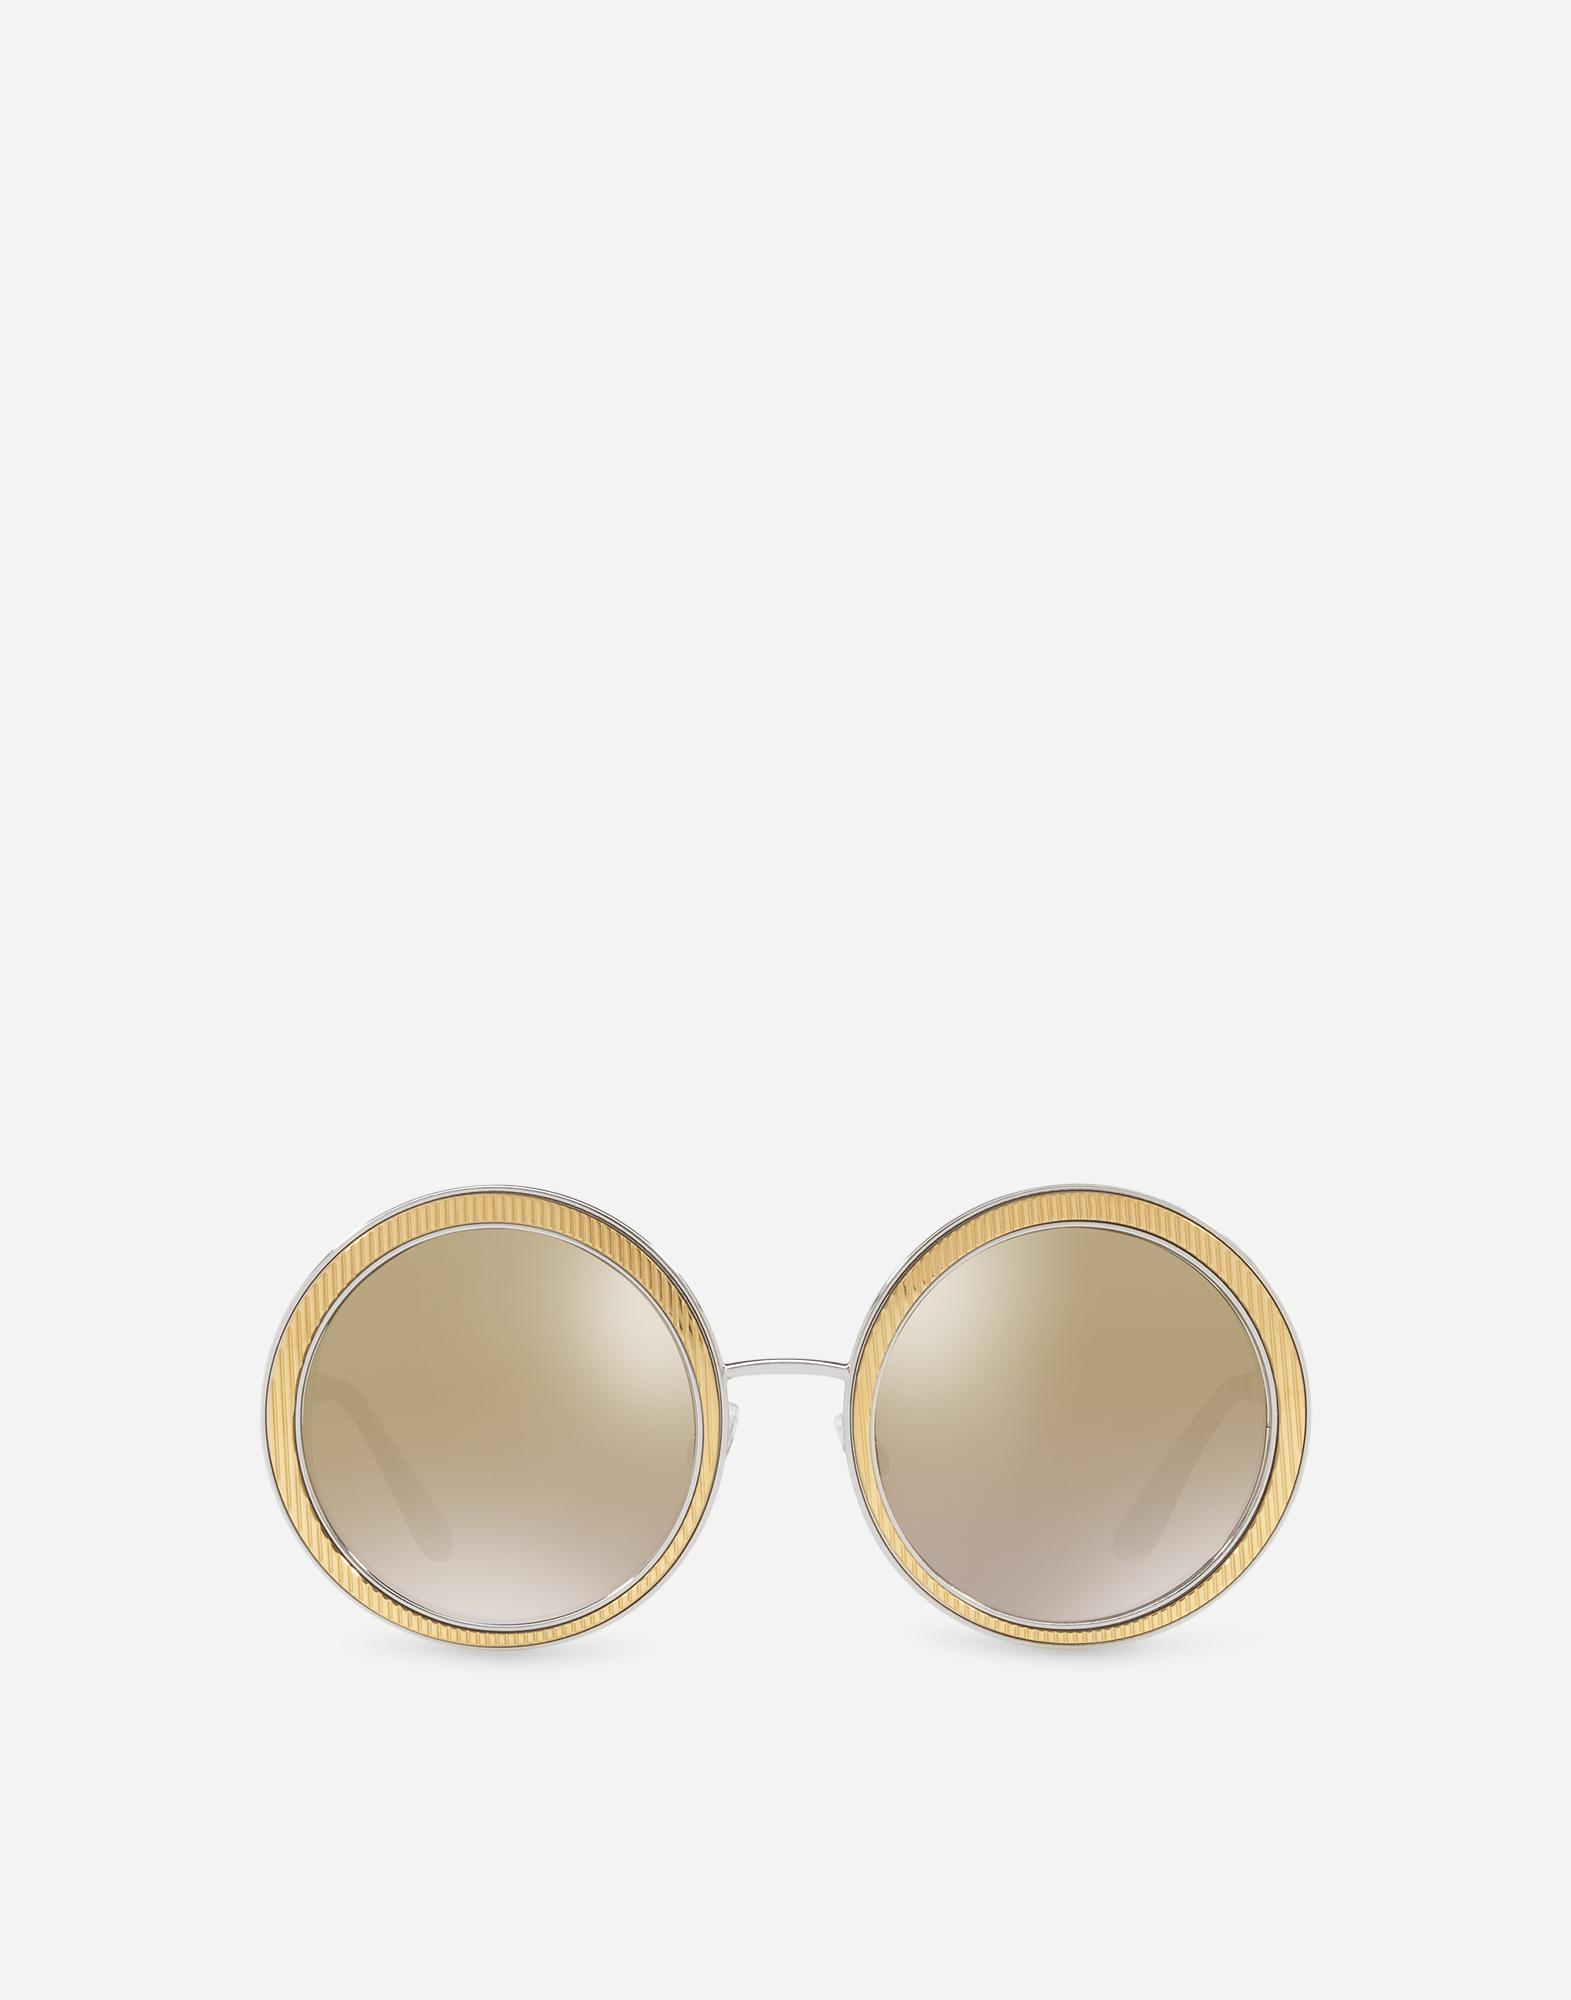 Dolce&Gabbana COPPER-SILVER ROUND SUNGLASSES